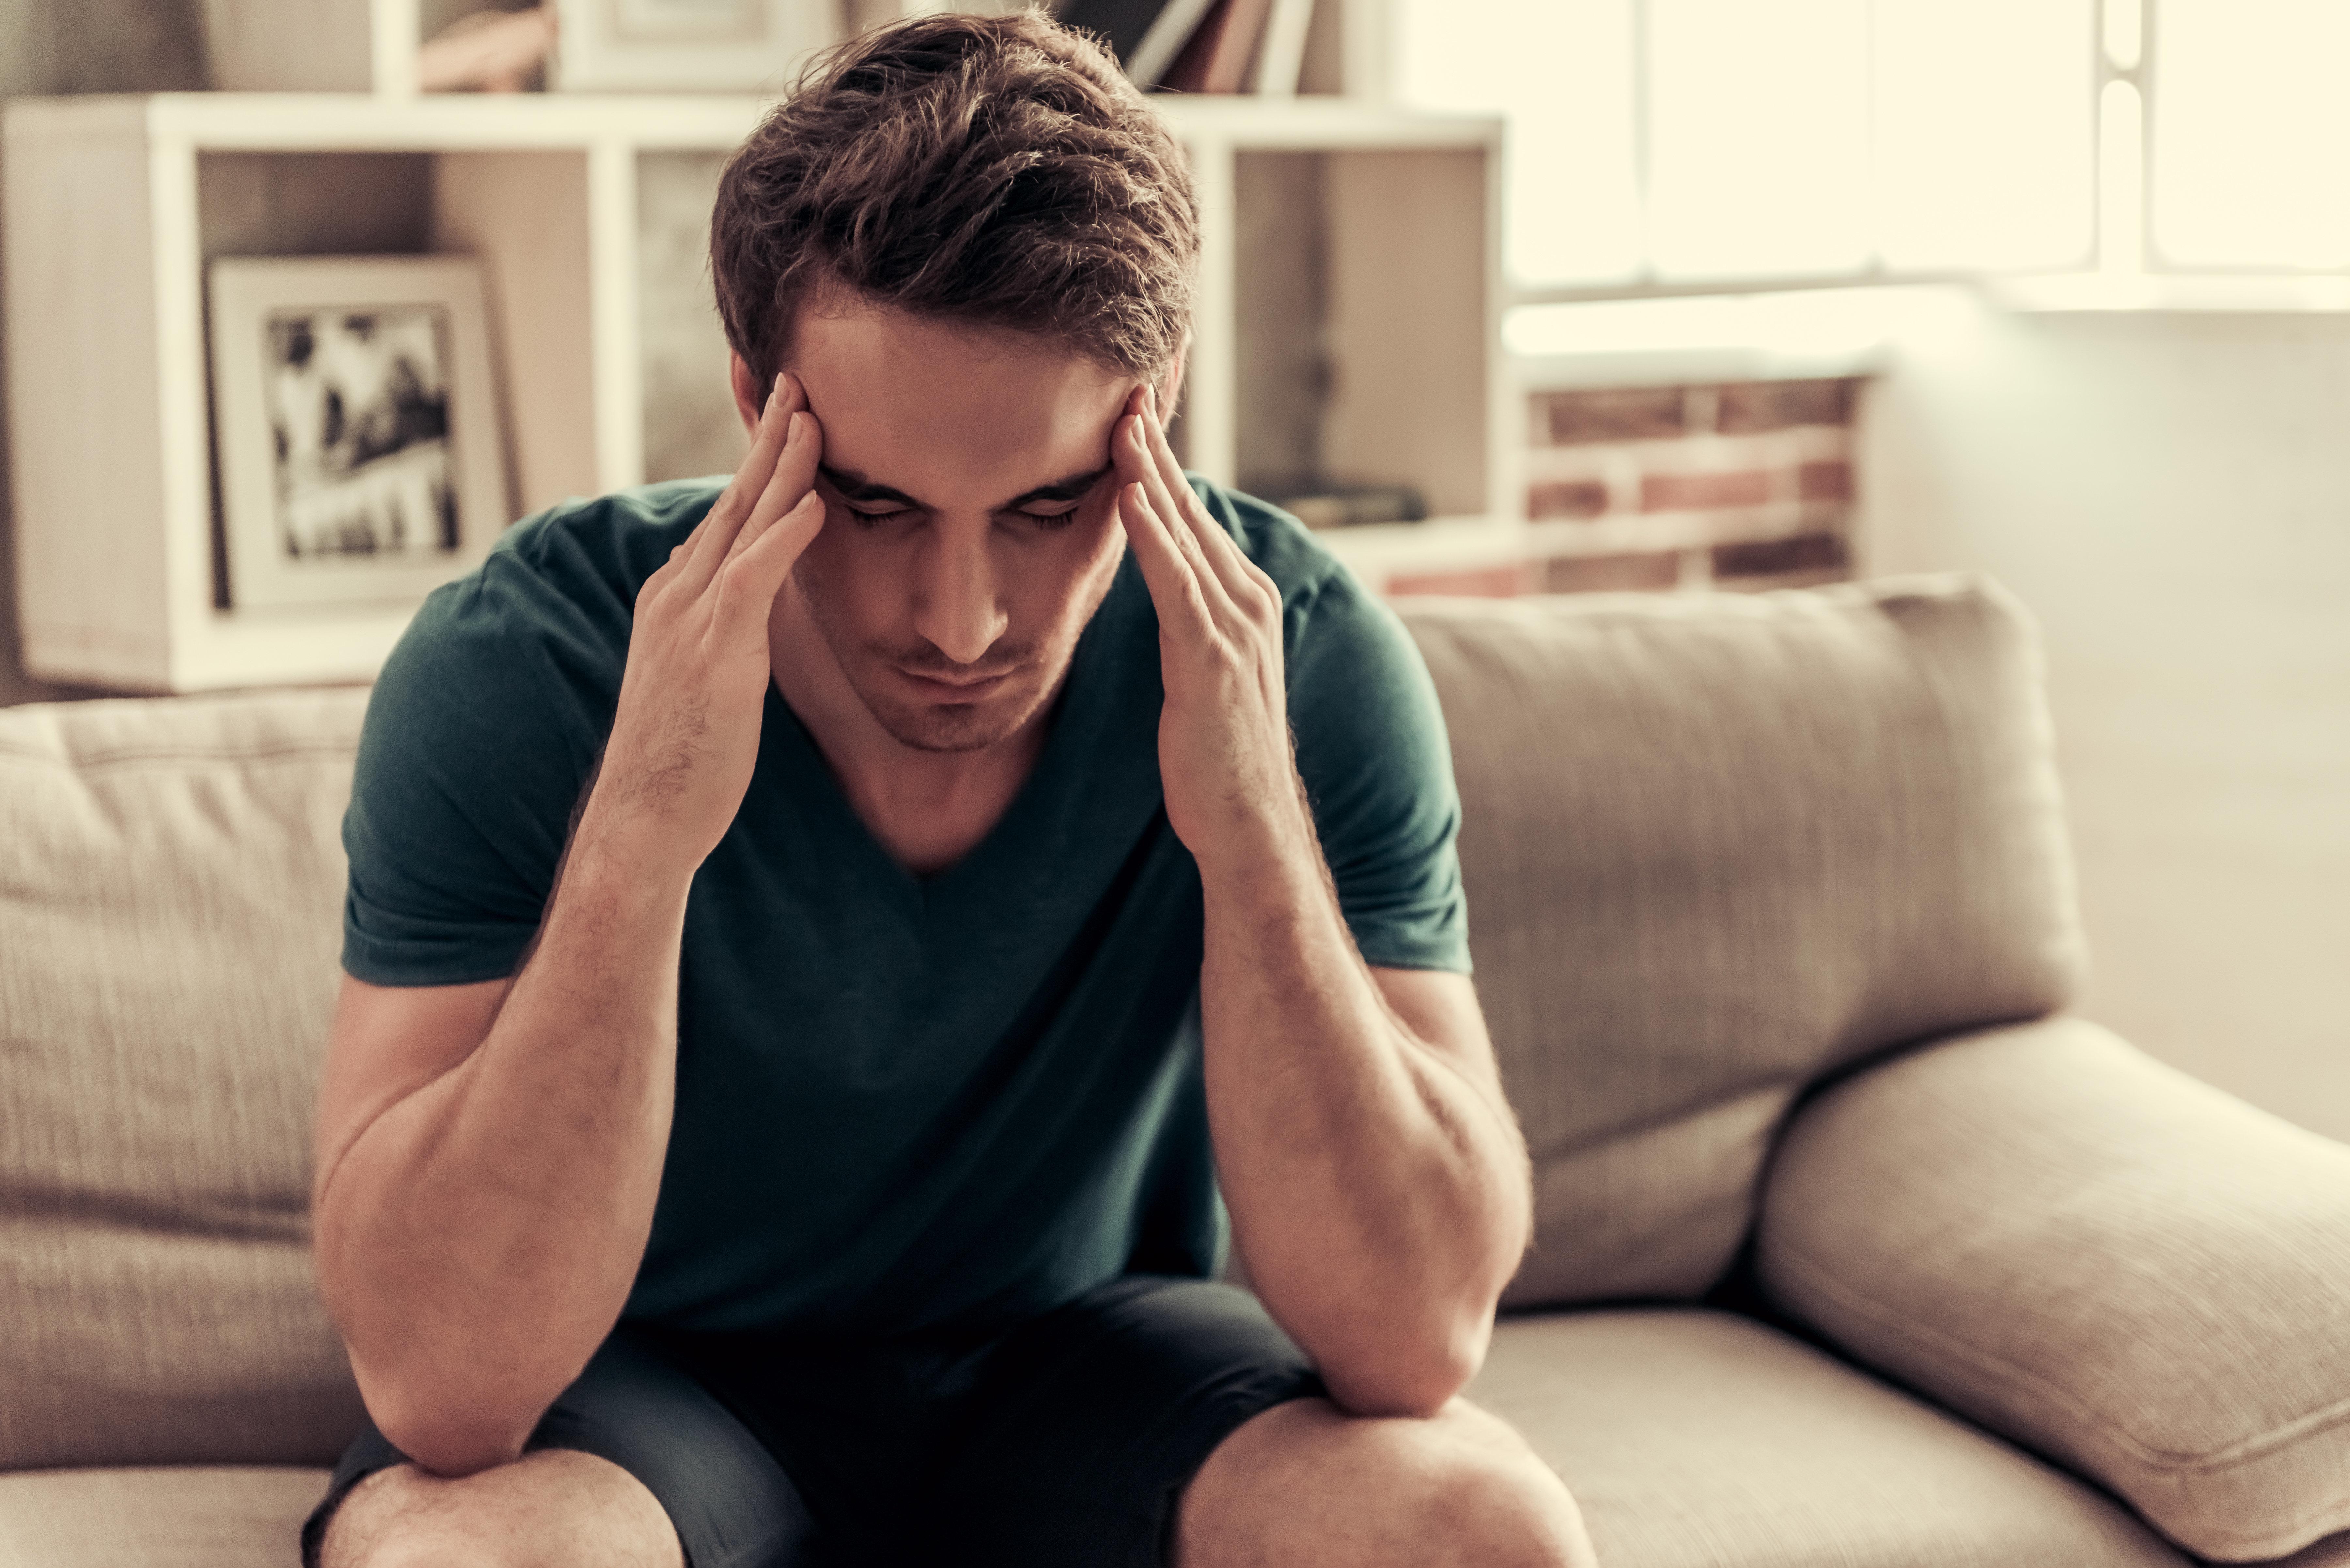 Studie warnt: Ibuprofen und Paracetamol können unsere Gefühle